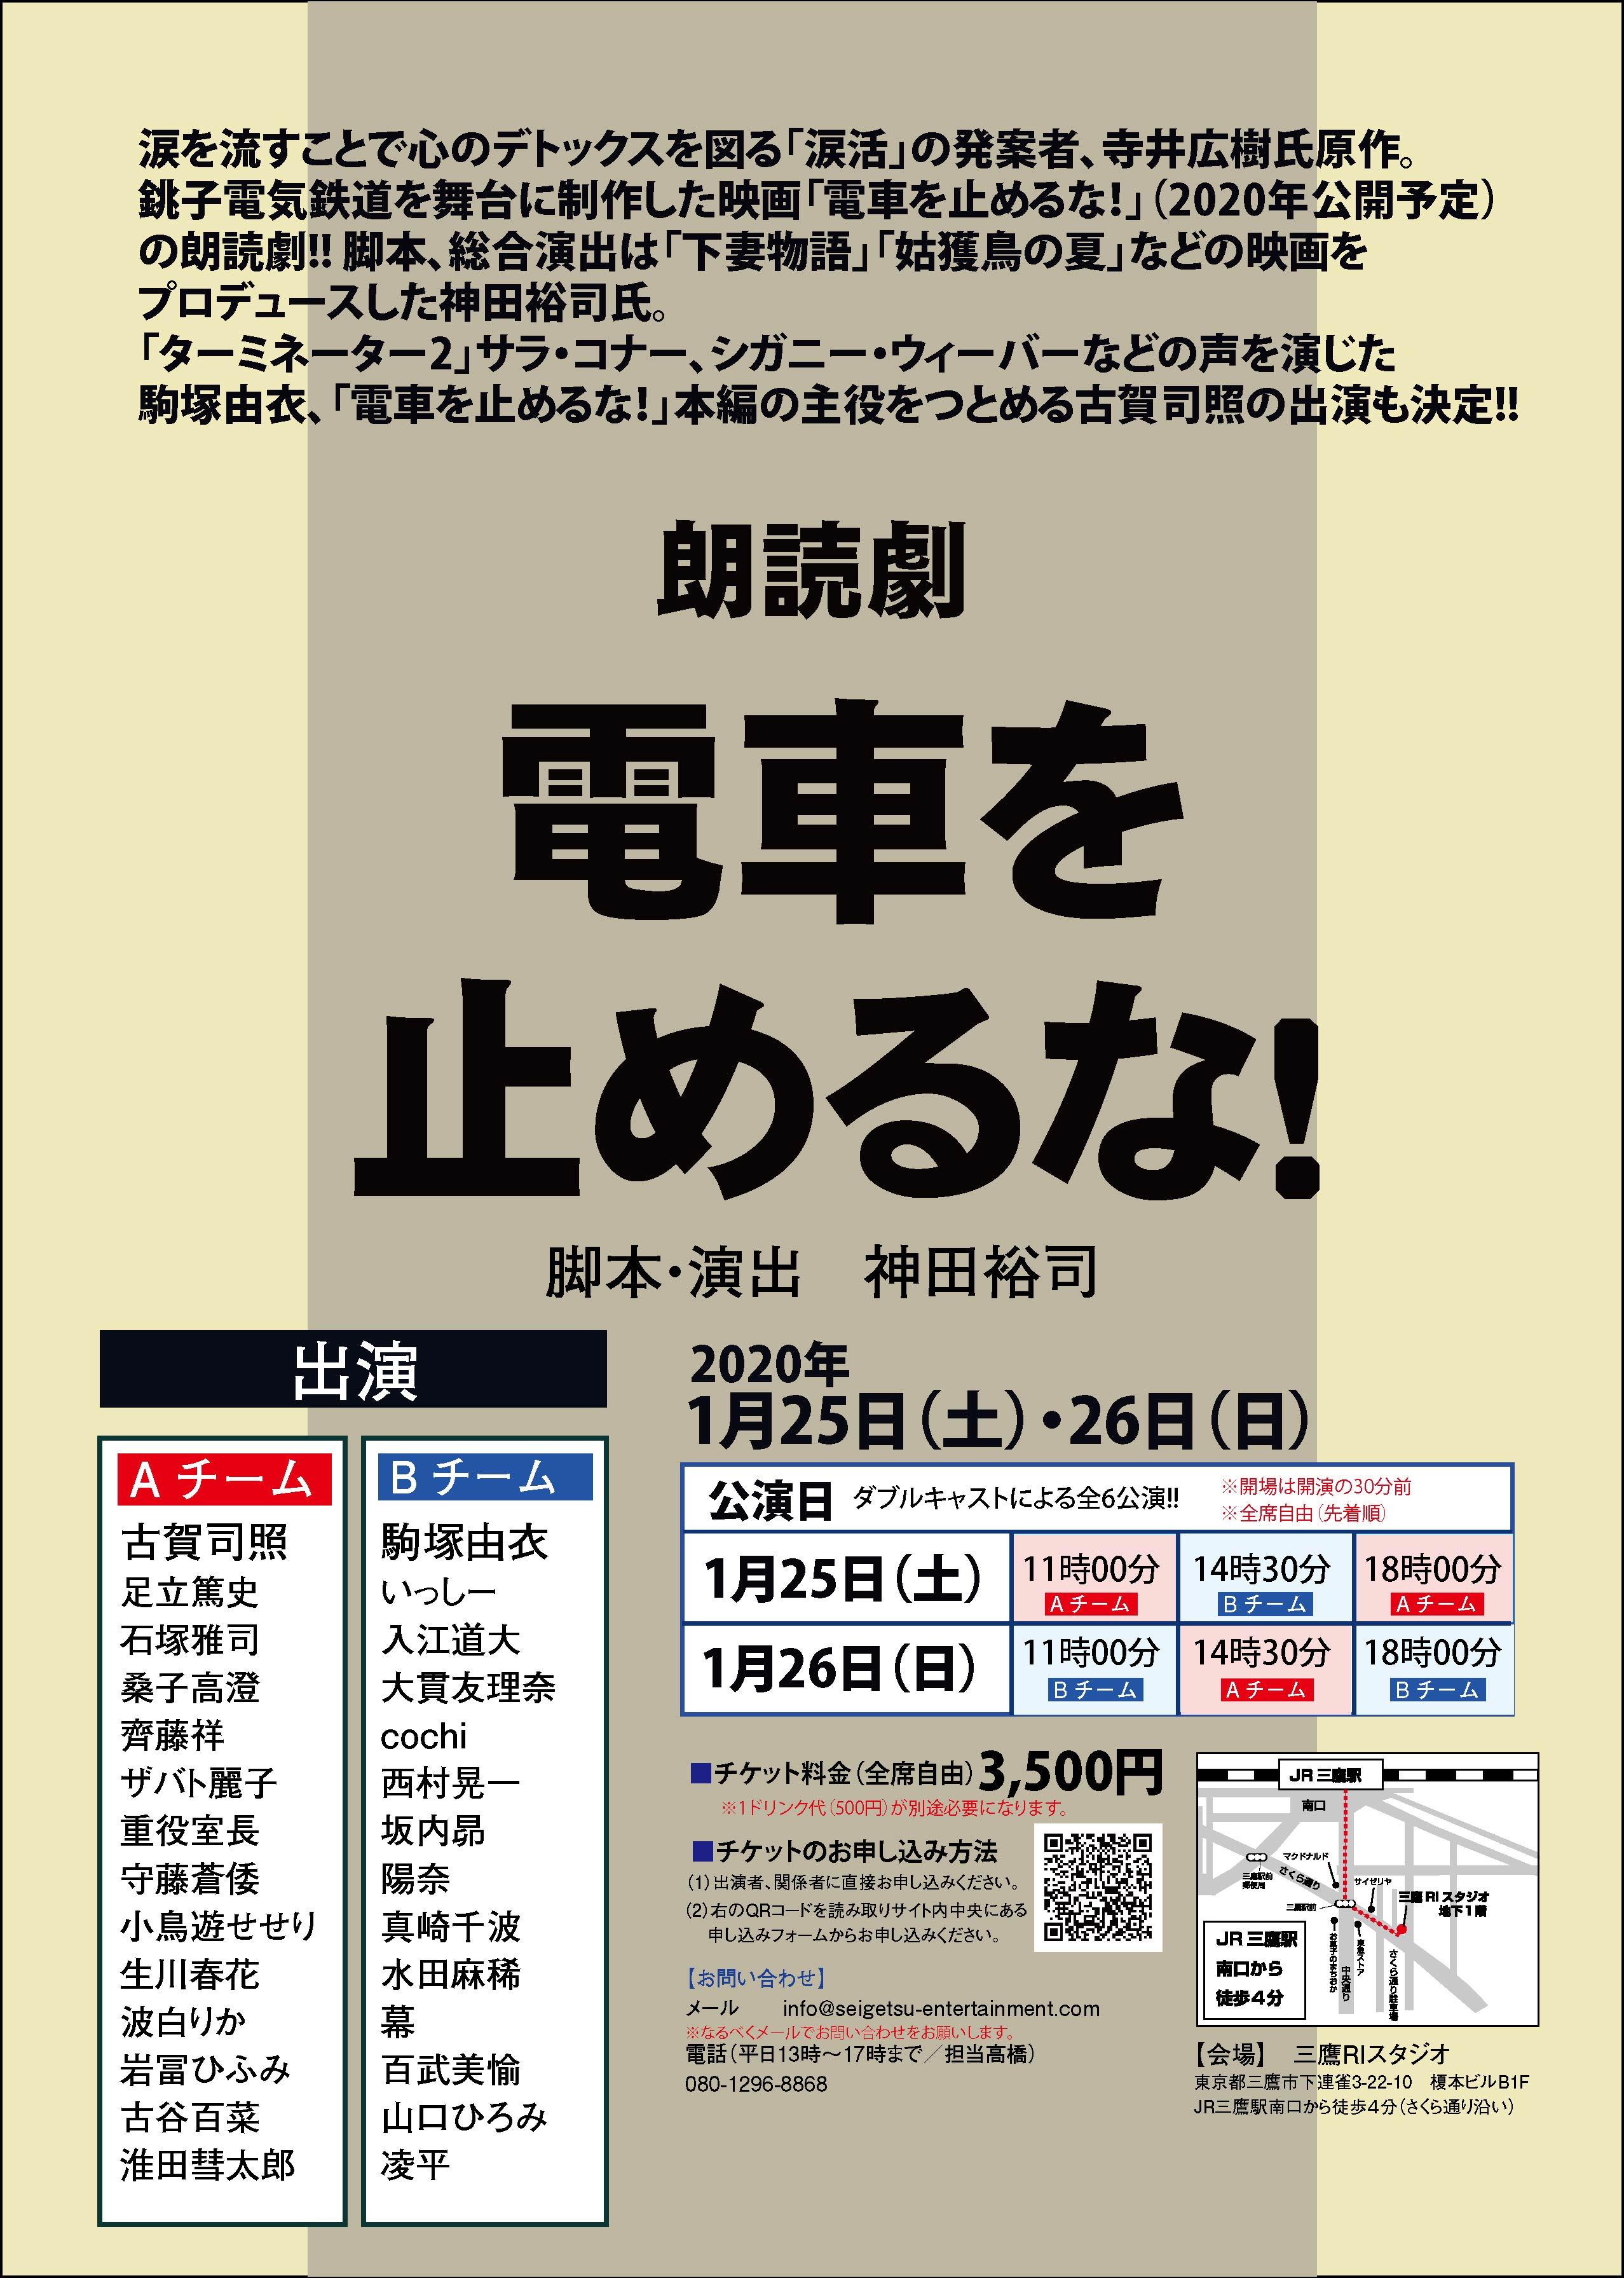 【公演終了】朗読劇「電車を止めるな!」【公演日2020年1月25日(土)26日(日)】